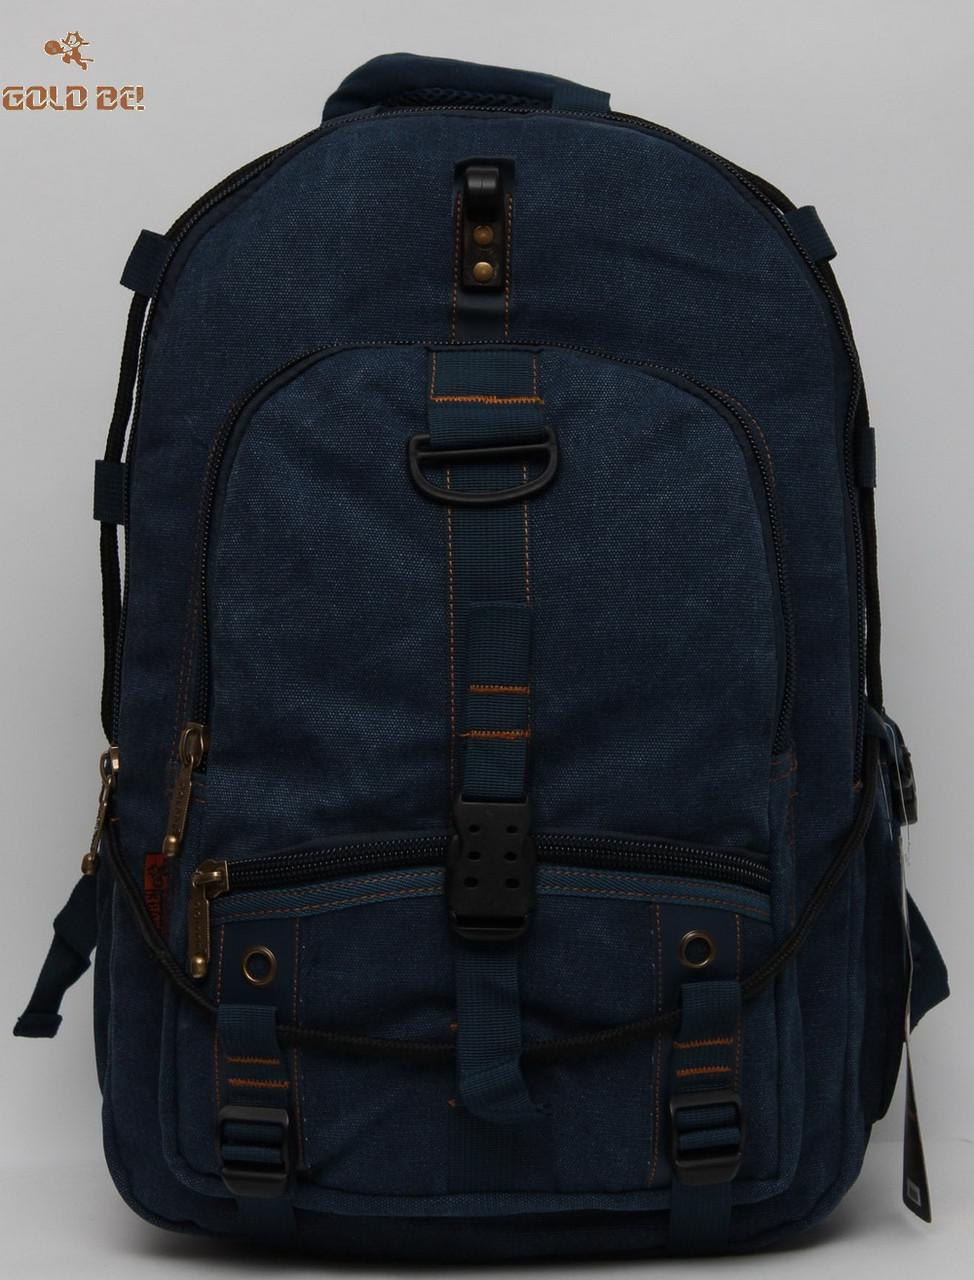 Чоловічий рюкзак + чехол - дощовик Gold Be / Мужской рюкзак / GoldBe + чехол - дождевик